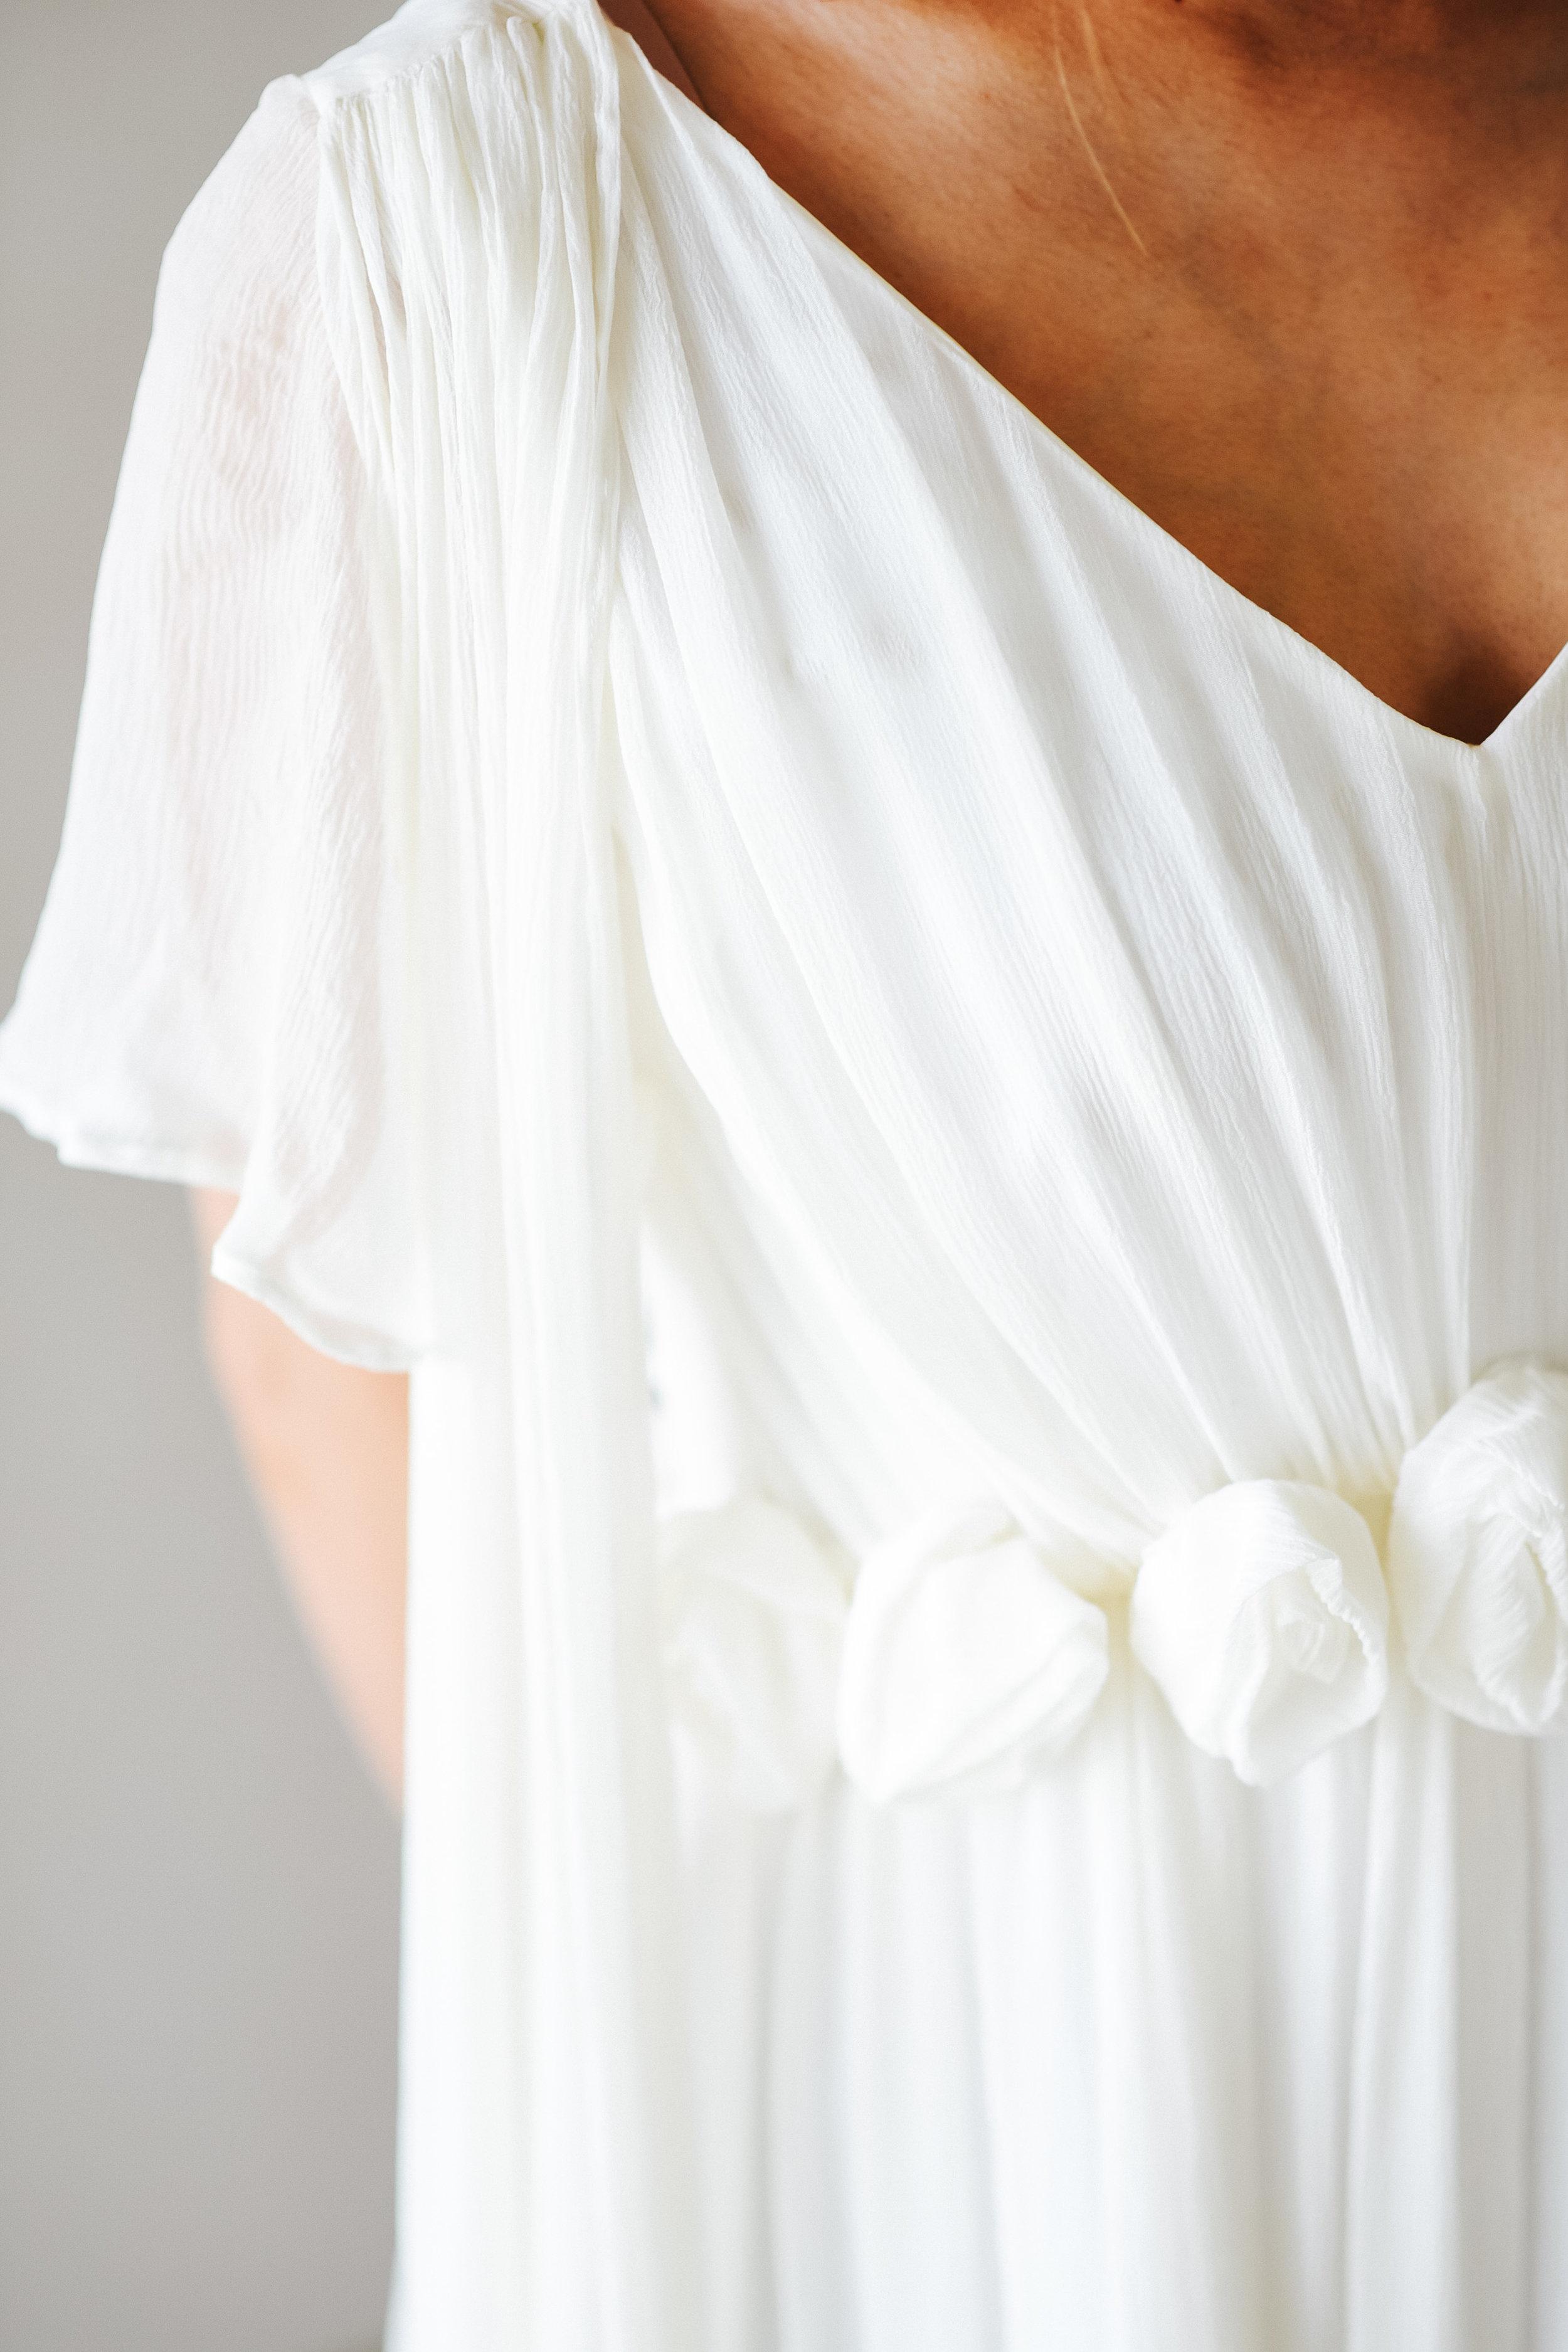 dress4_5.jpg